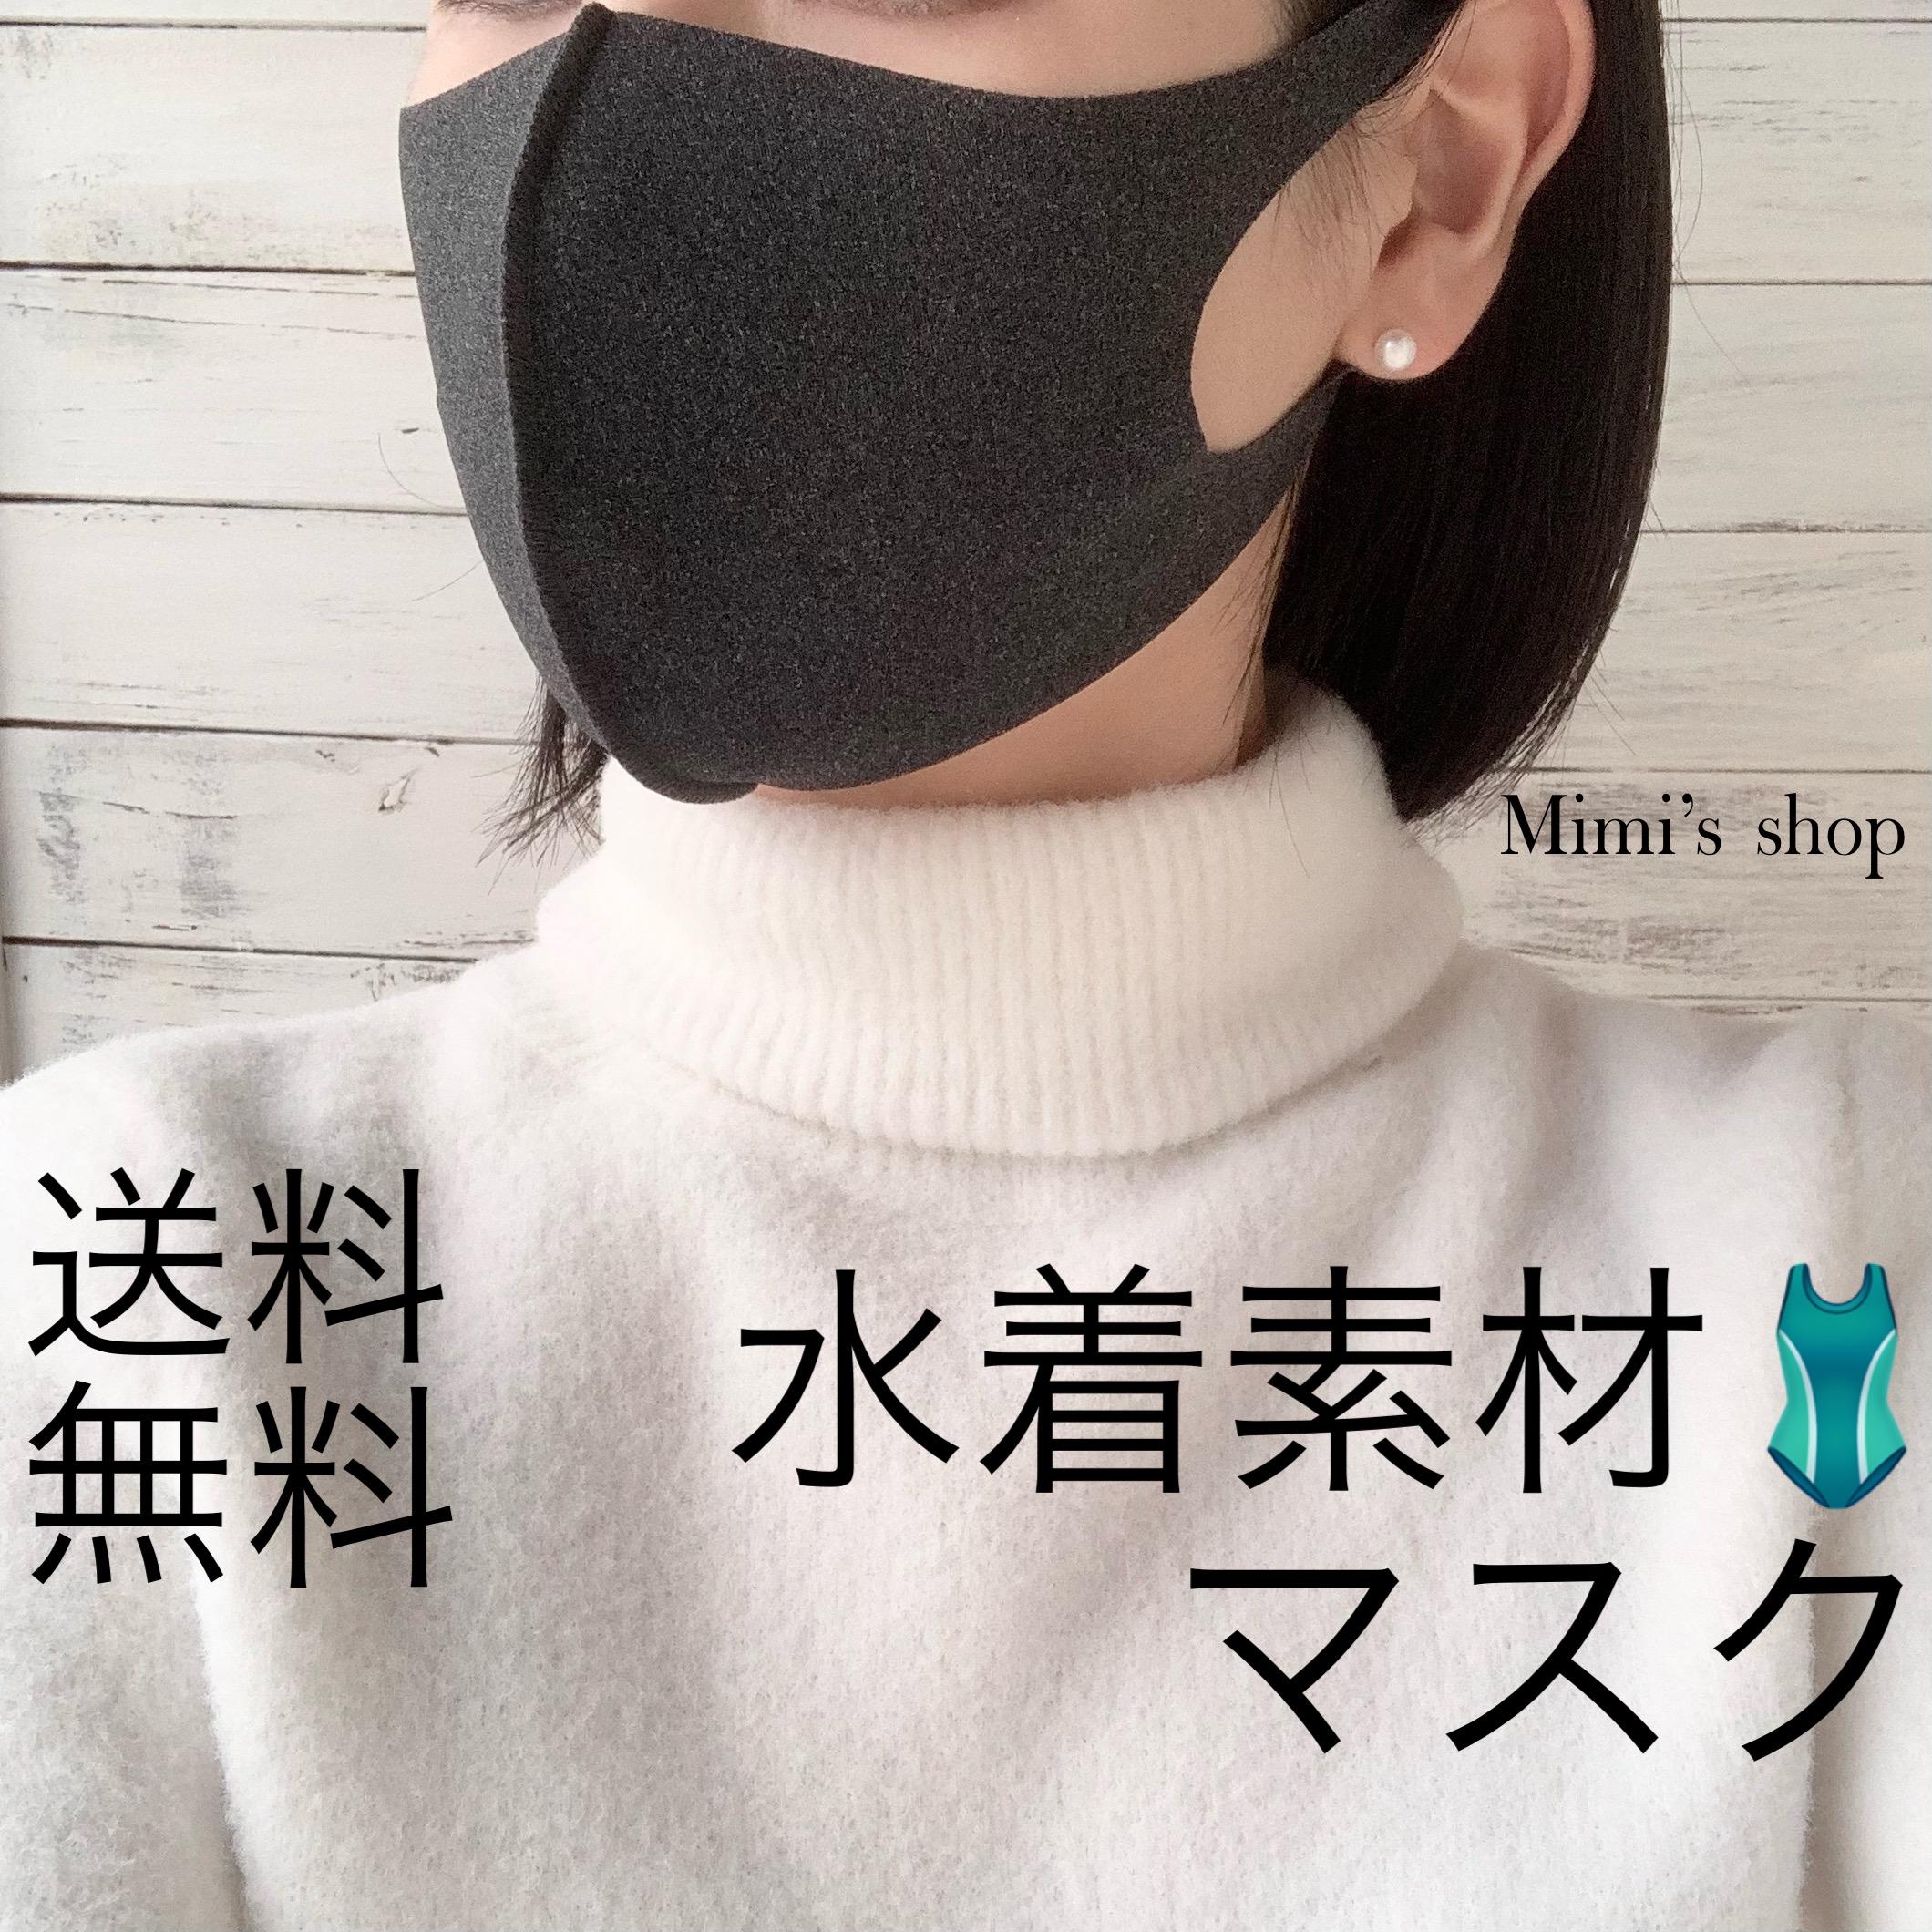 裏表 縫い目 マスク ウレタン